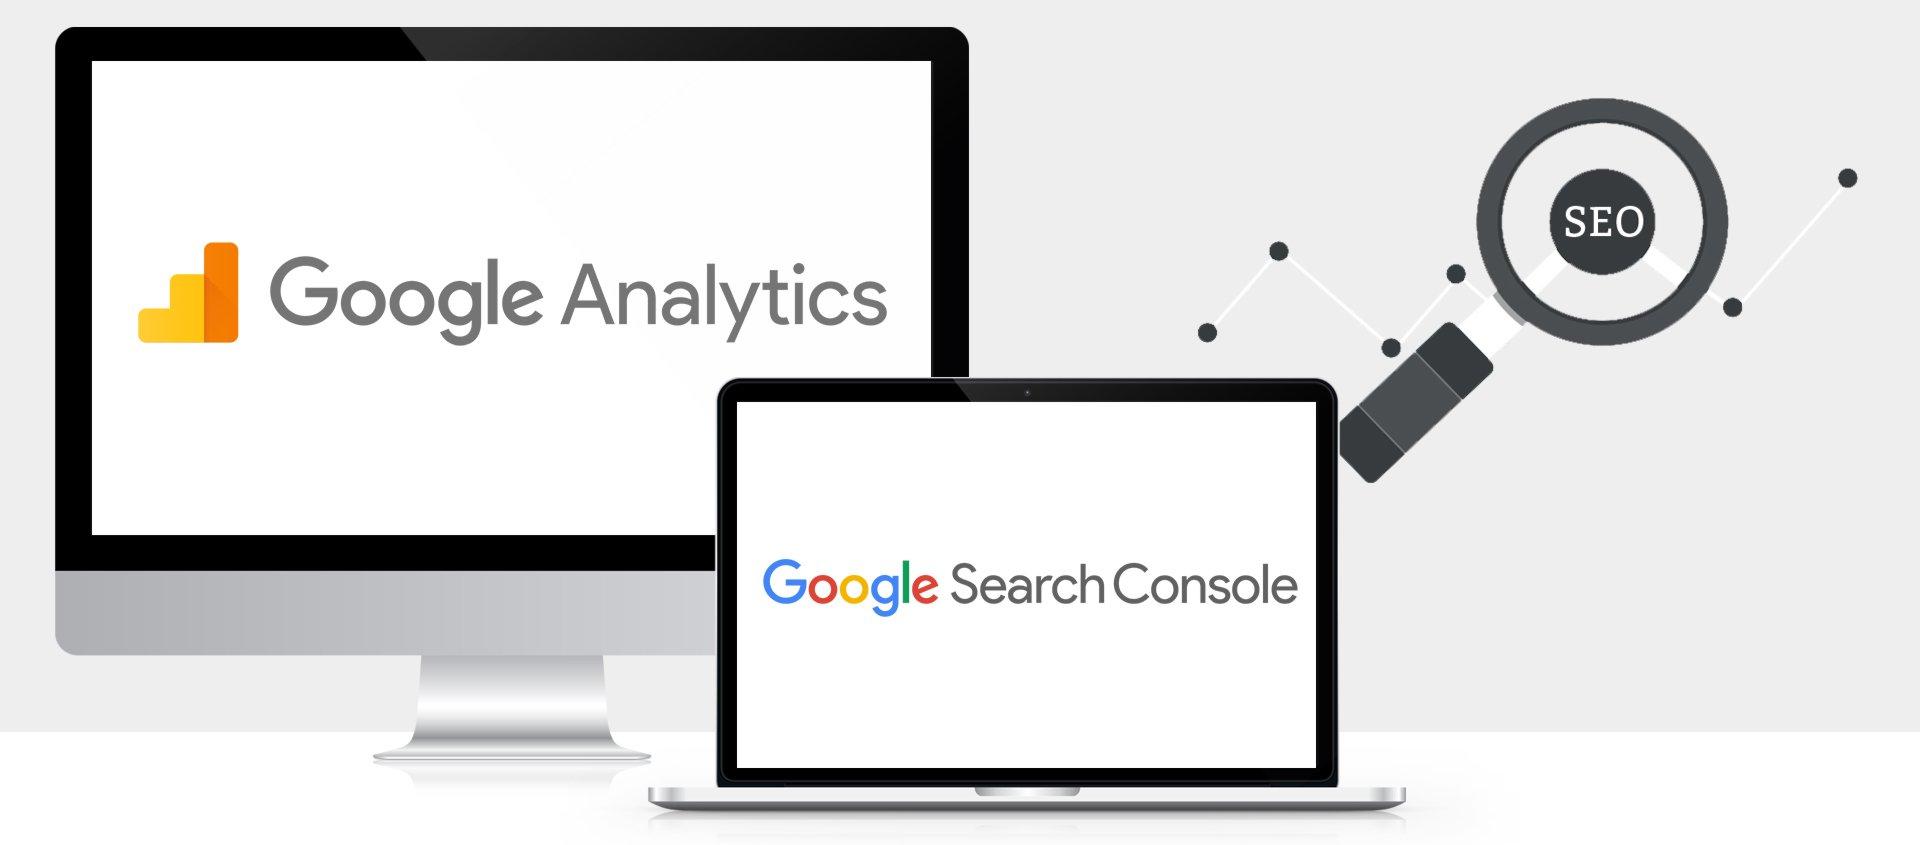 Utilizza Google Analytics e la Search Console per valutare l'attuale presenza del tuo sito su Google